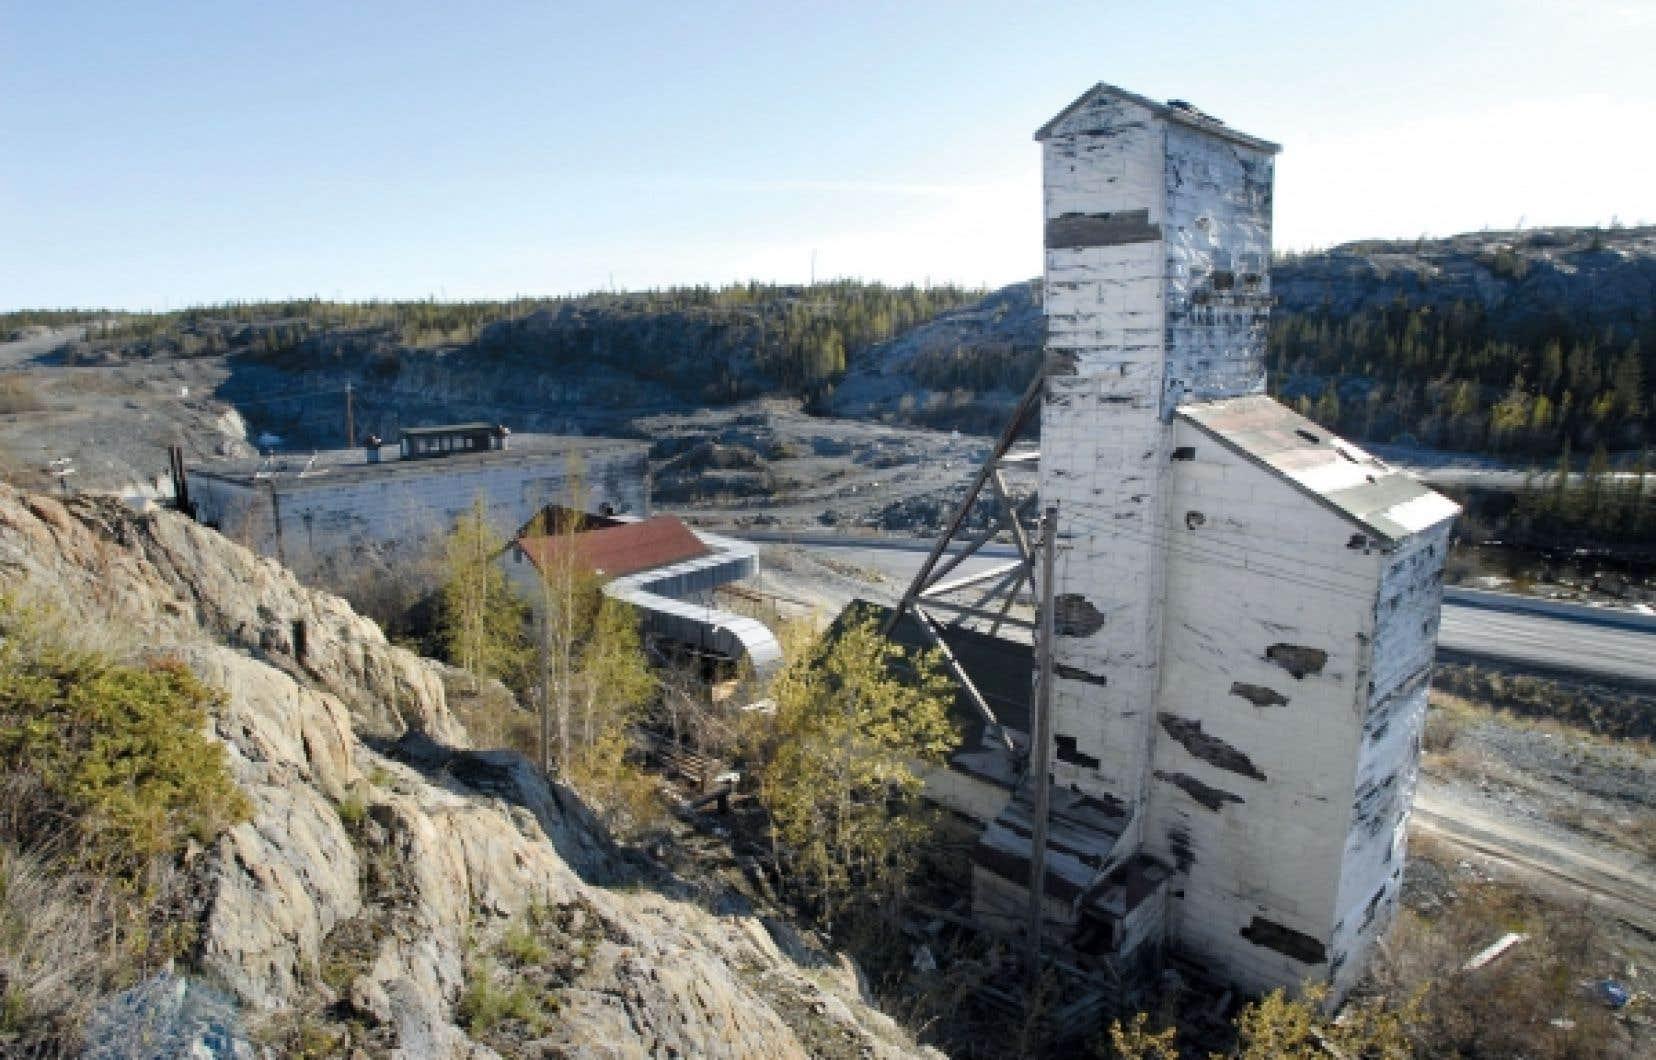 La Giant Mine, à Yellowknife, est l'un des sites miniers les plus pollués du Canada. Citant en exemple des milliers de sites contaminés apparus avant l'instauration d'un régime d'évaluation environnementale, le commissaire Scott Vaughan lance un avertissement aux conservateurs.